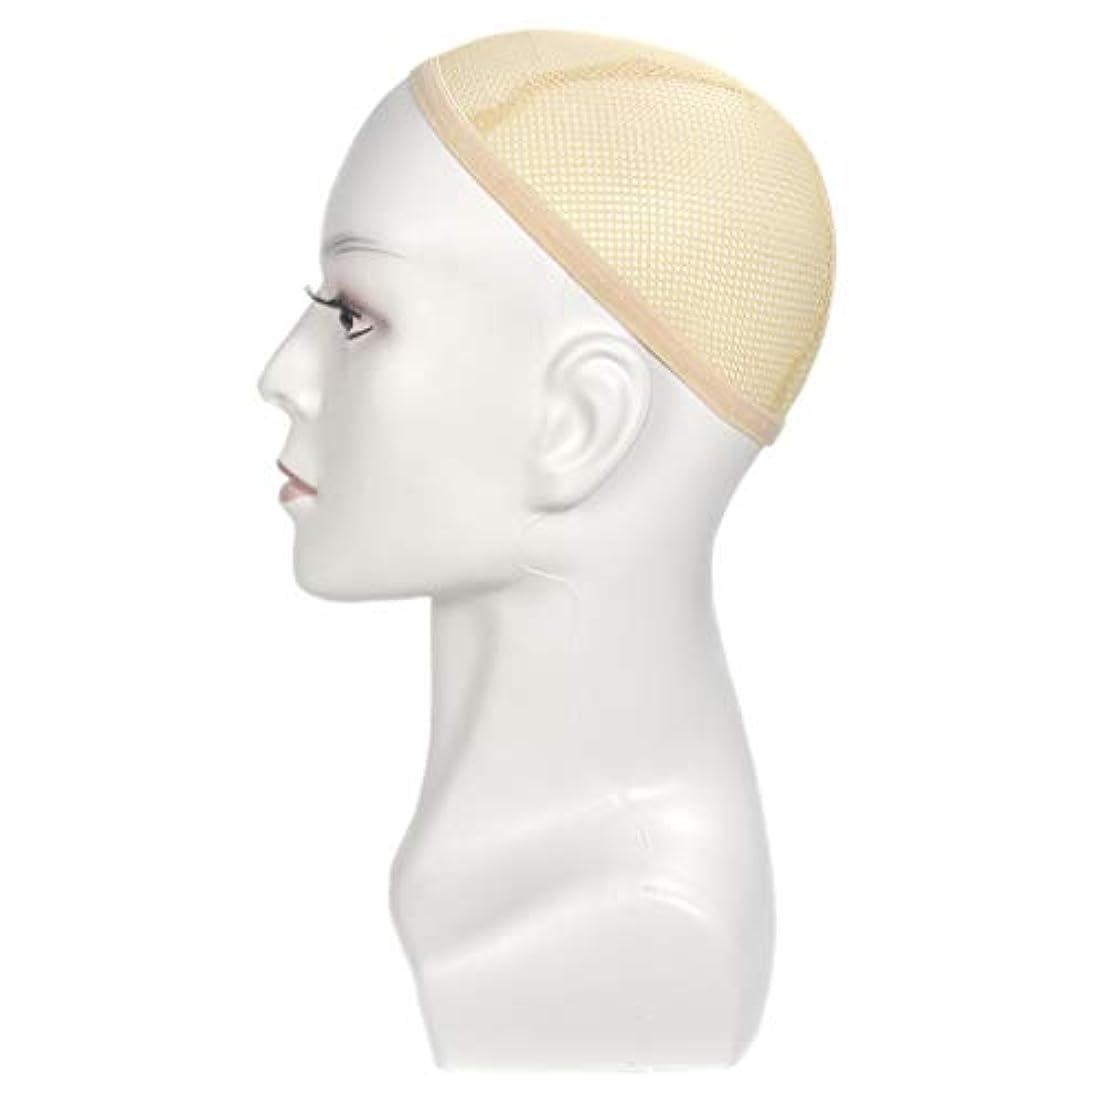 あいさつたとえ投げるCUTICATE マネキンヘッド ディスプレイ メイクトレーニング 化粧 美容 店舗 自宅 サロン 全2色 - 白